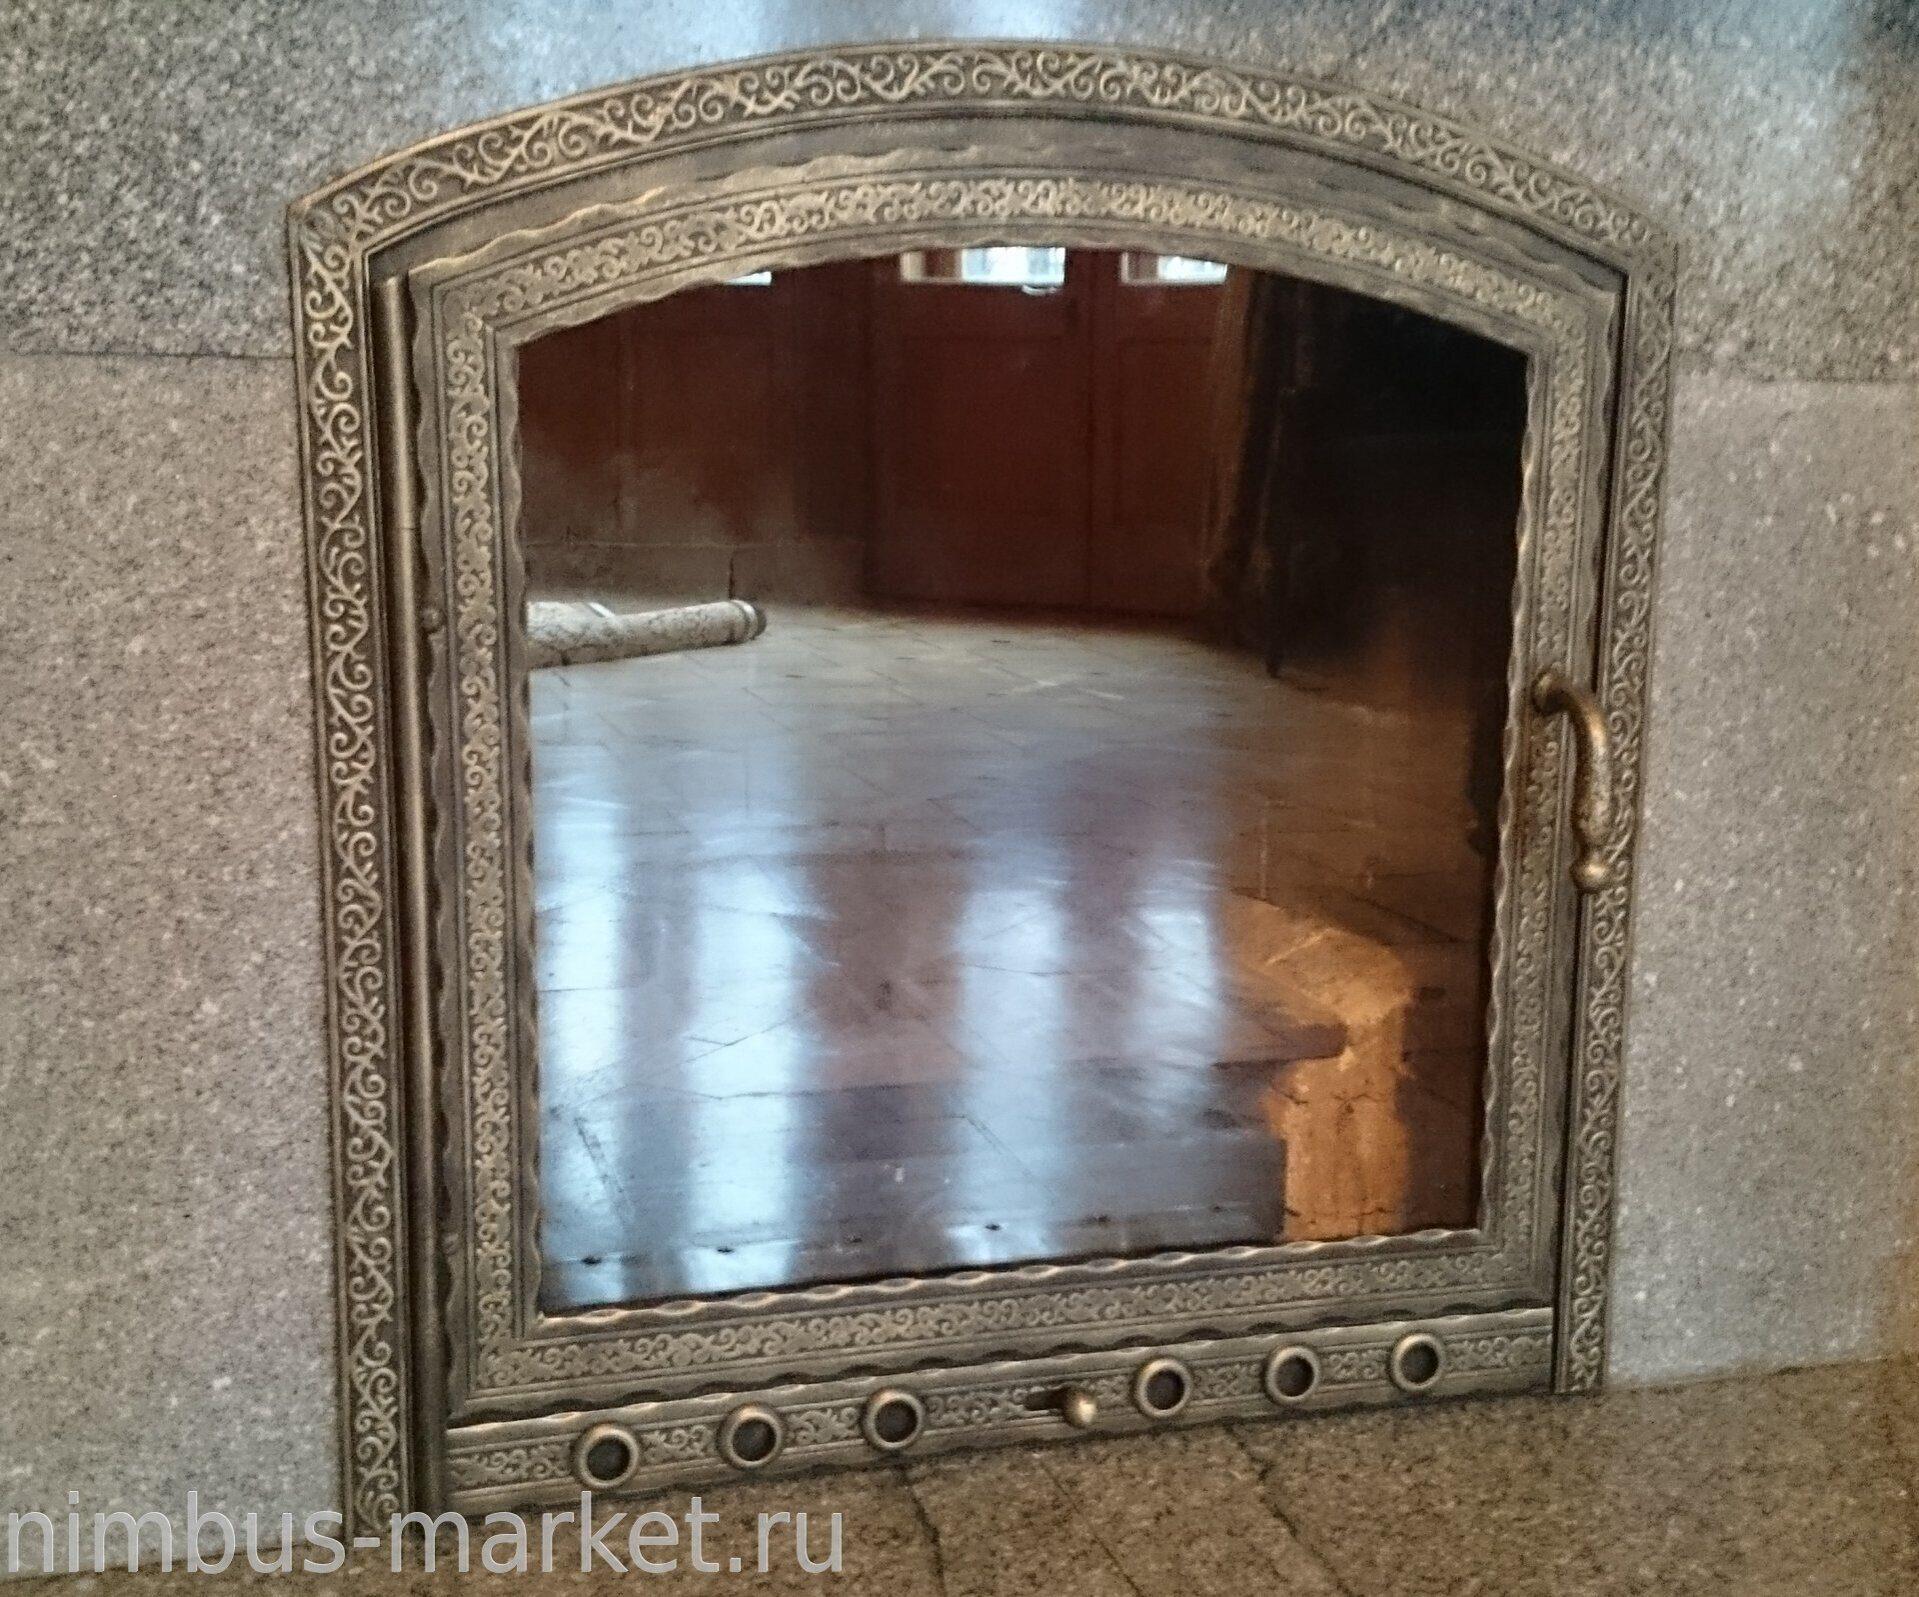 дверца для камина со стеклом купить